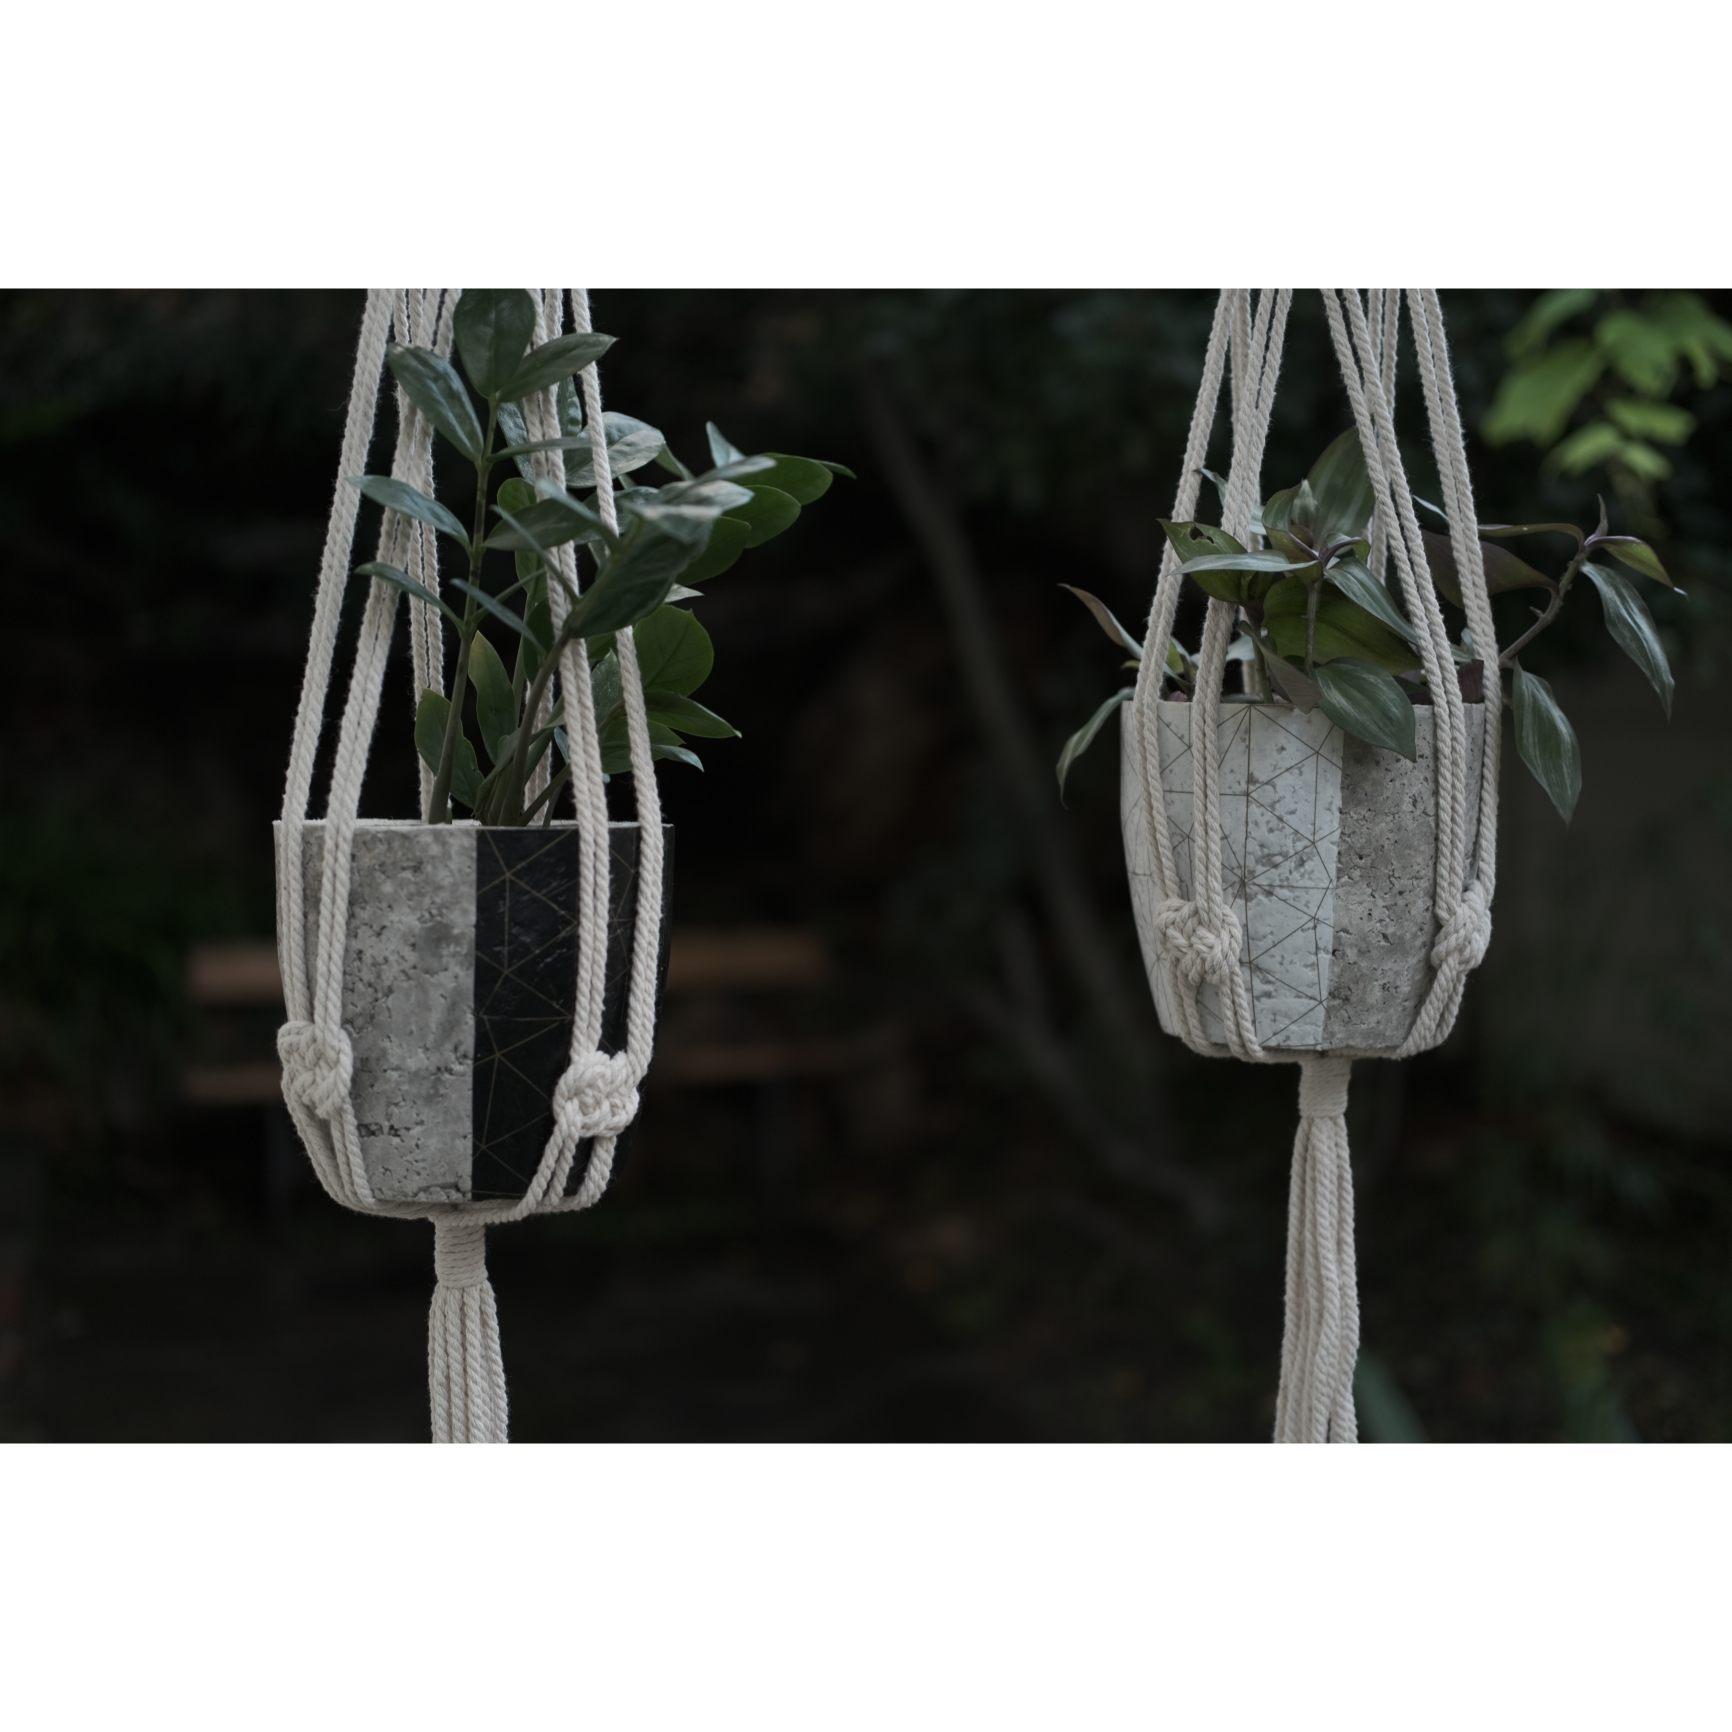 Macramé plant hanger set - geometric design